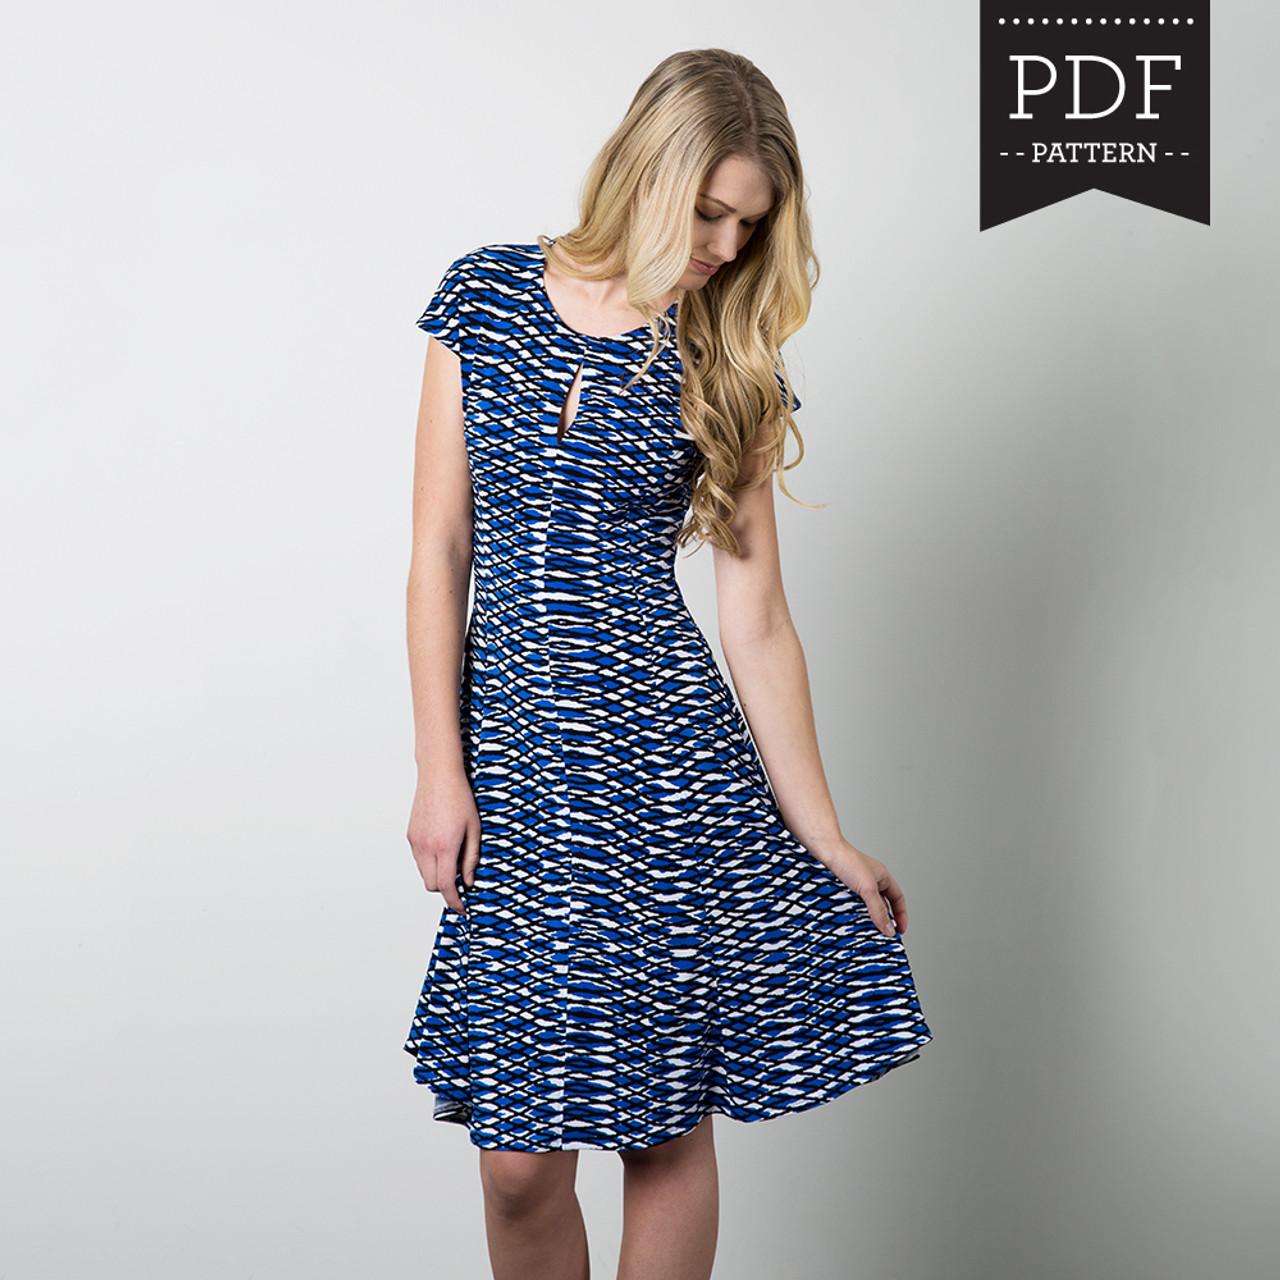 Davie Dress sewing pattern by Sewaholic Patterns with keyhole ...